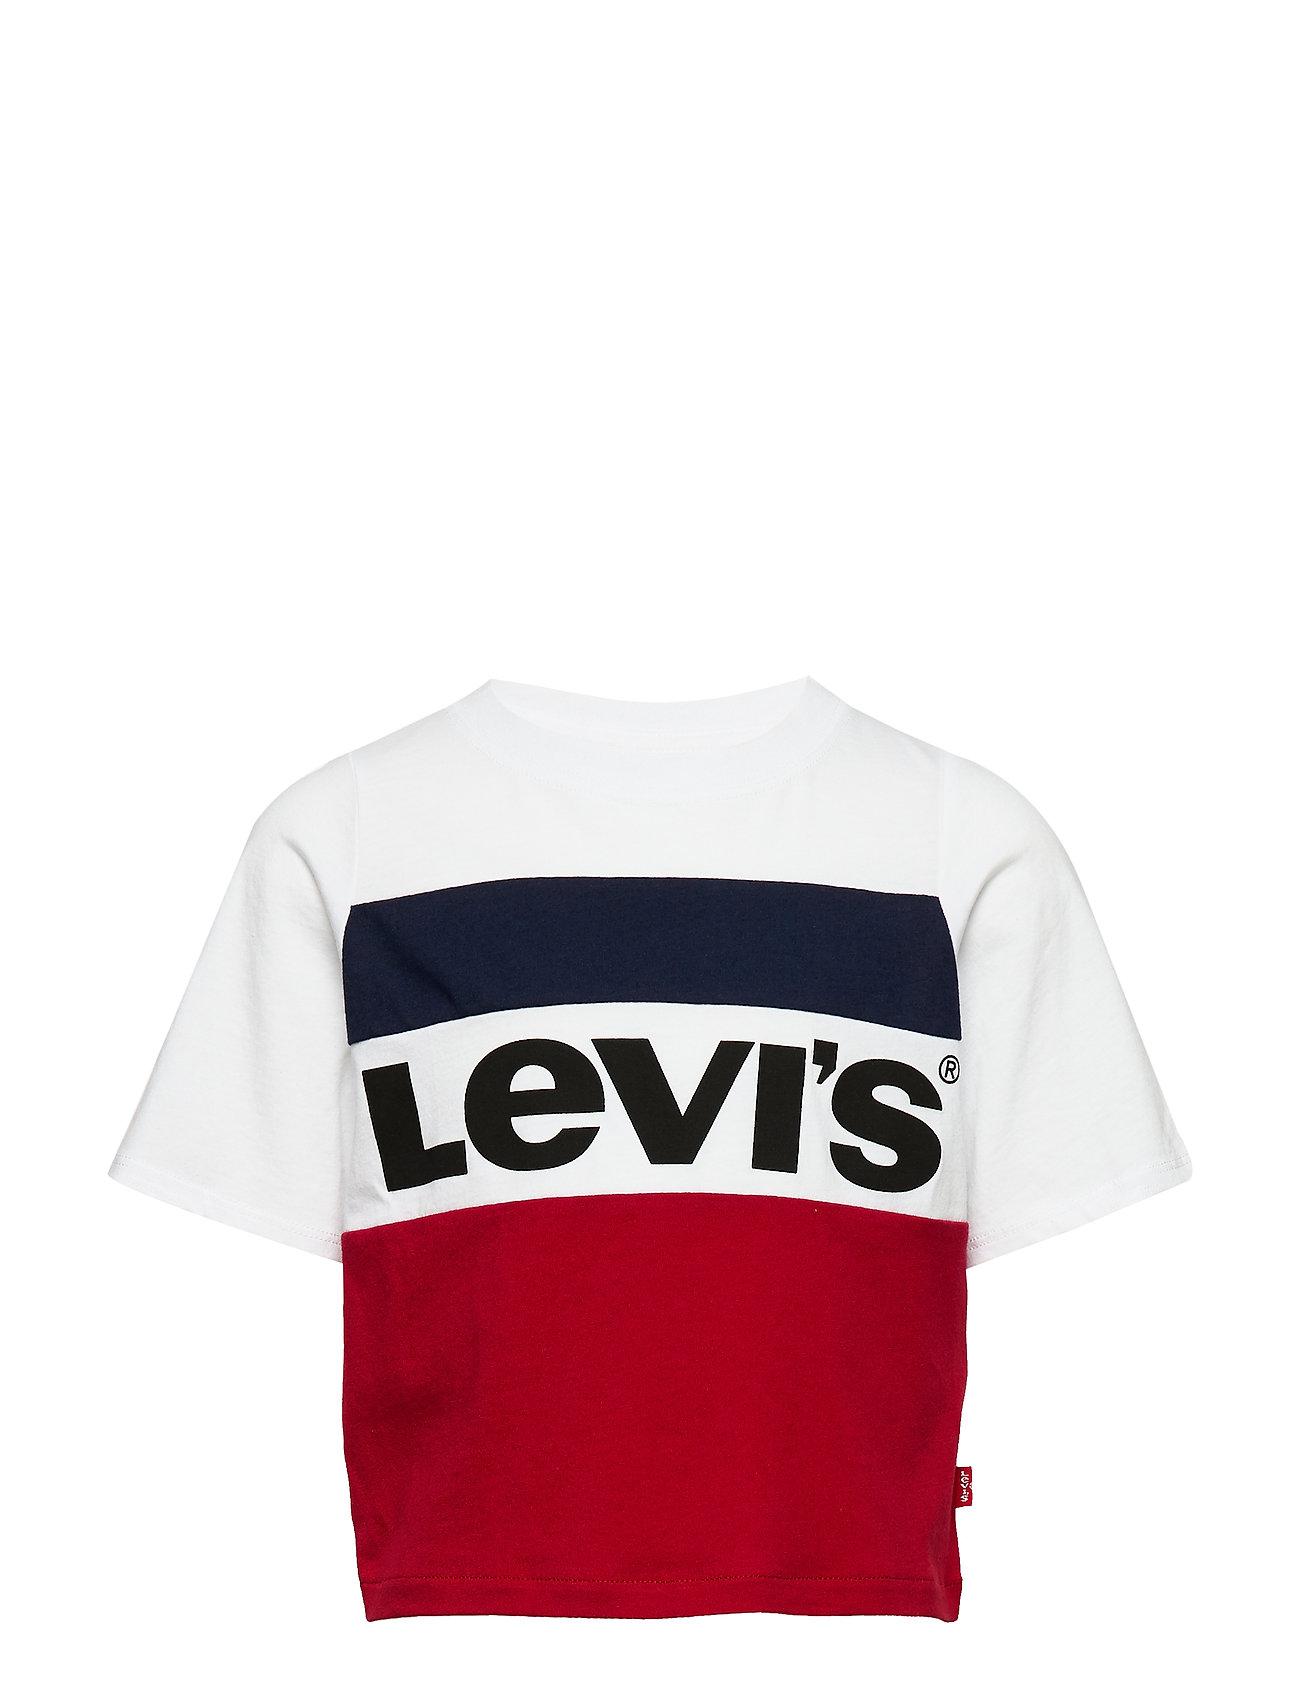 Levi's TEE-SHIRT - TRANSPARENT